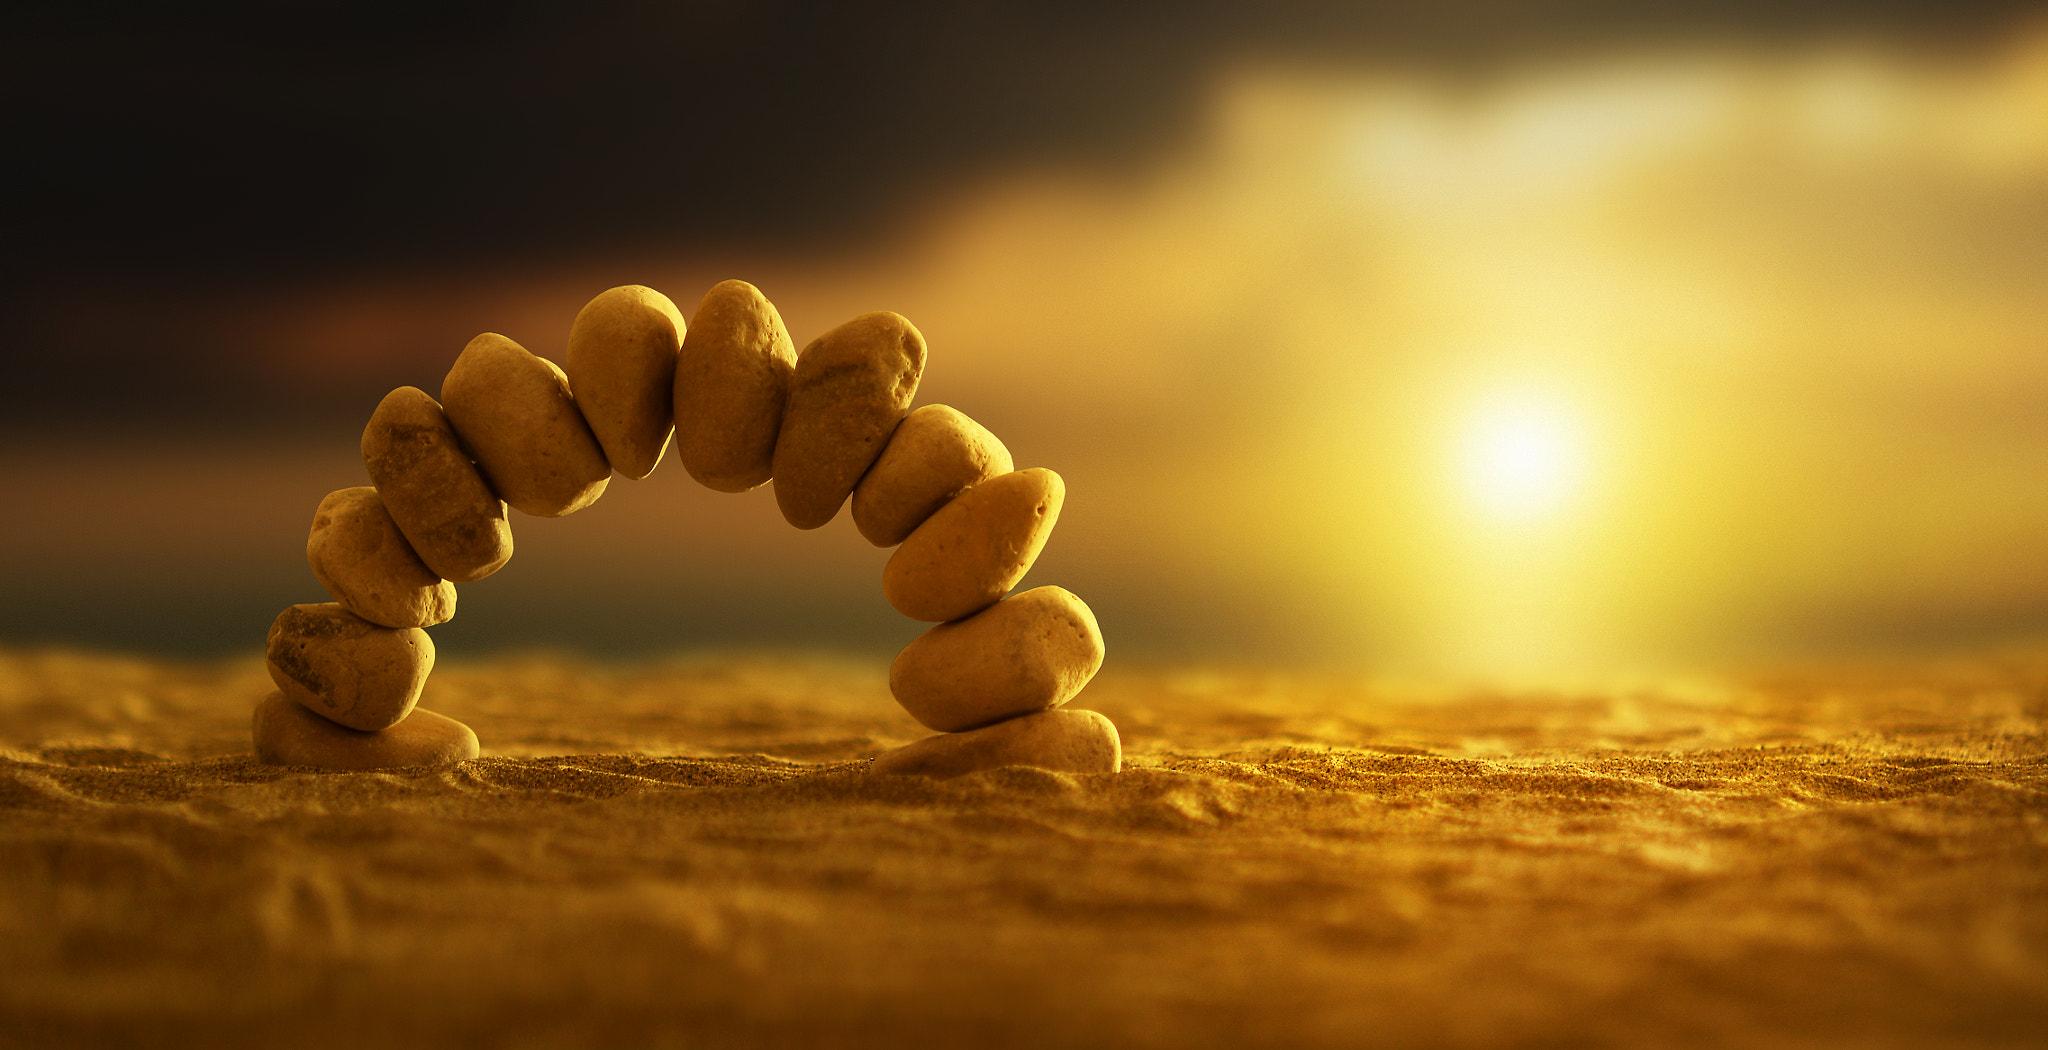 Sunlight On Zen Stones, Full HD 2K Wallpaper